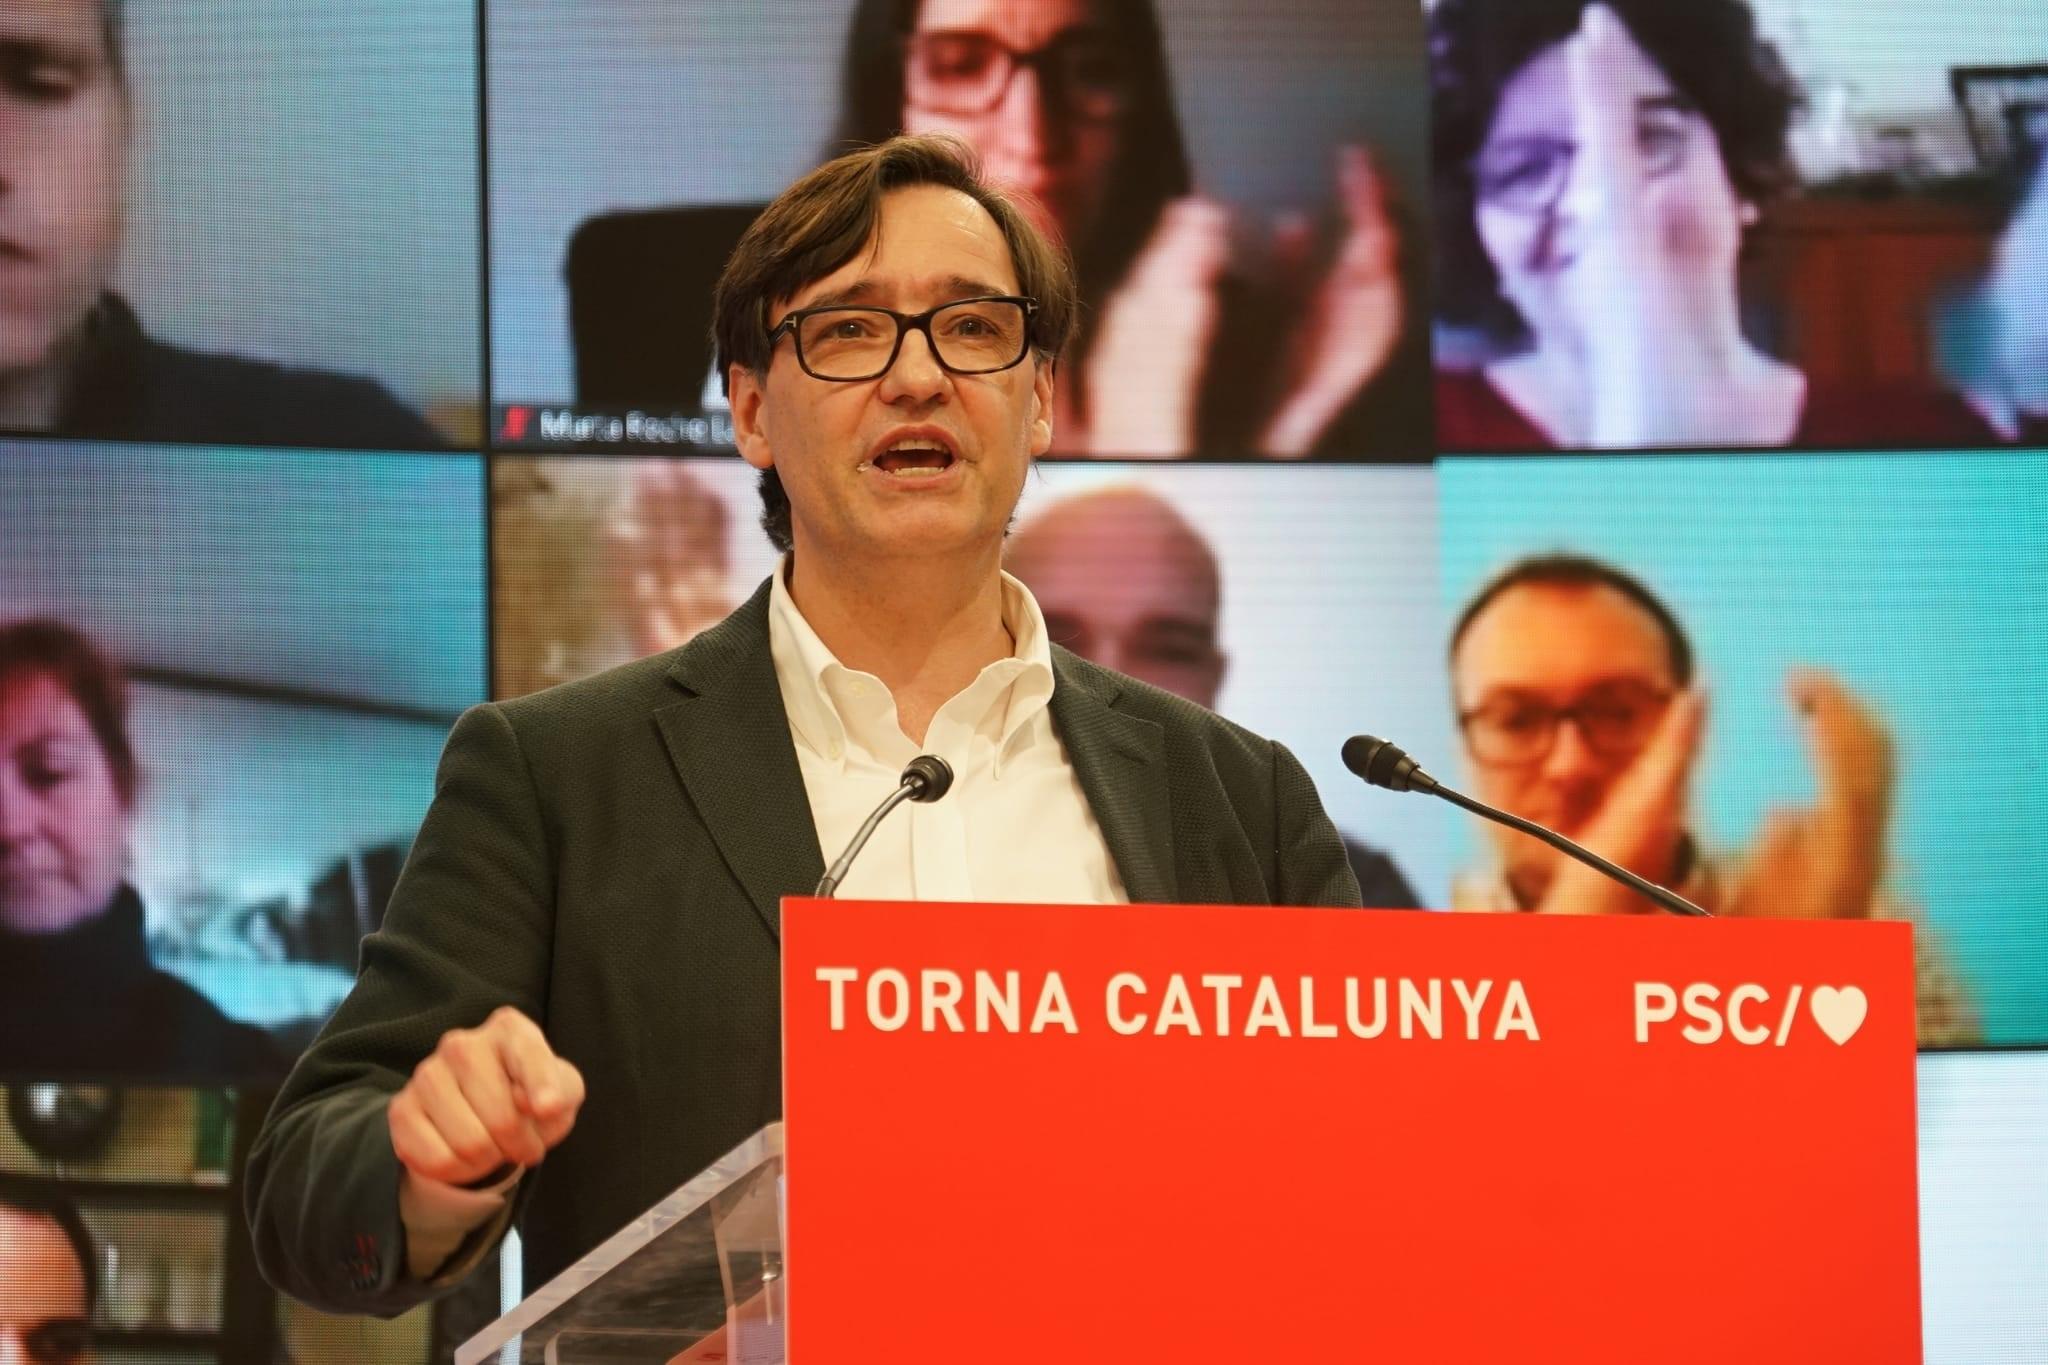 La postulación de Salvador Illa ha movido el tablero político catalán / Foto: PSC